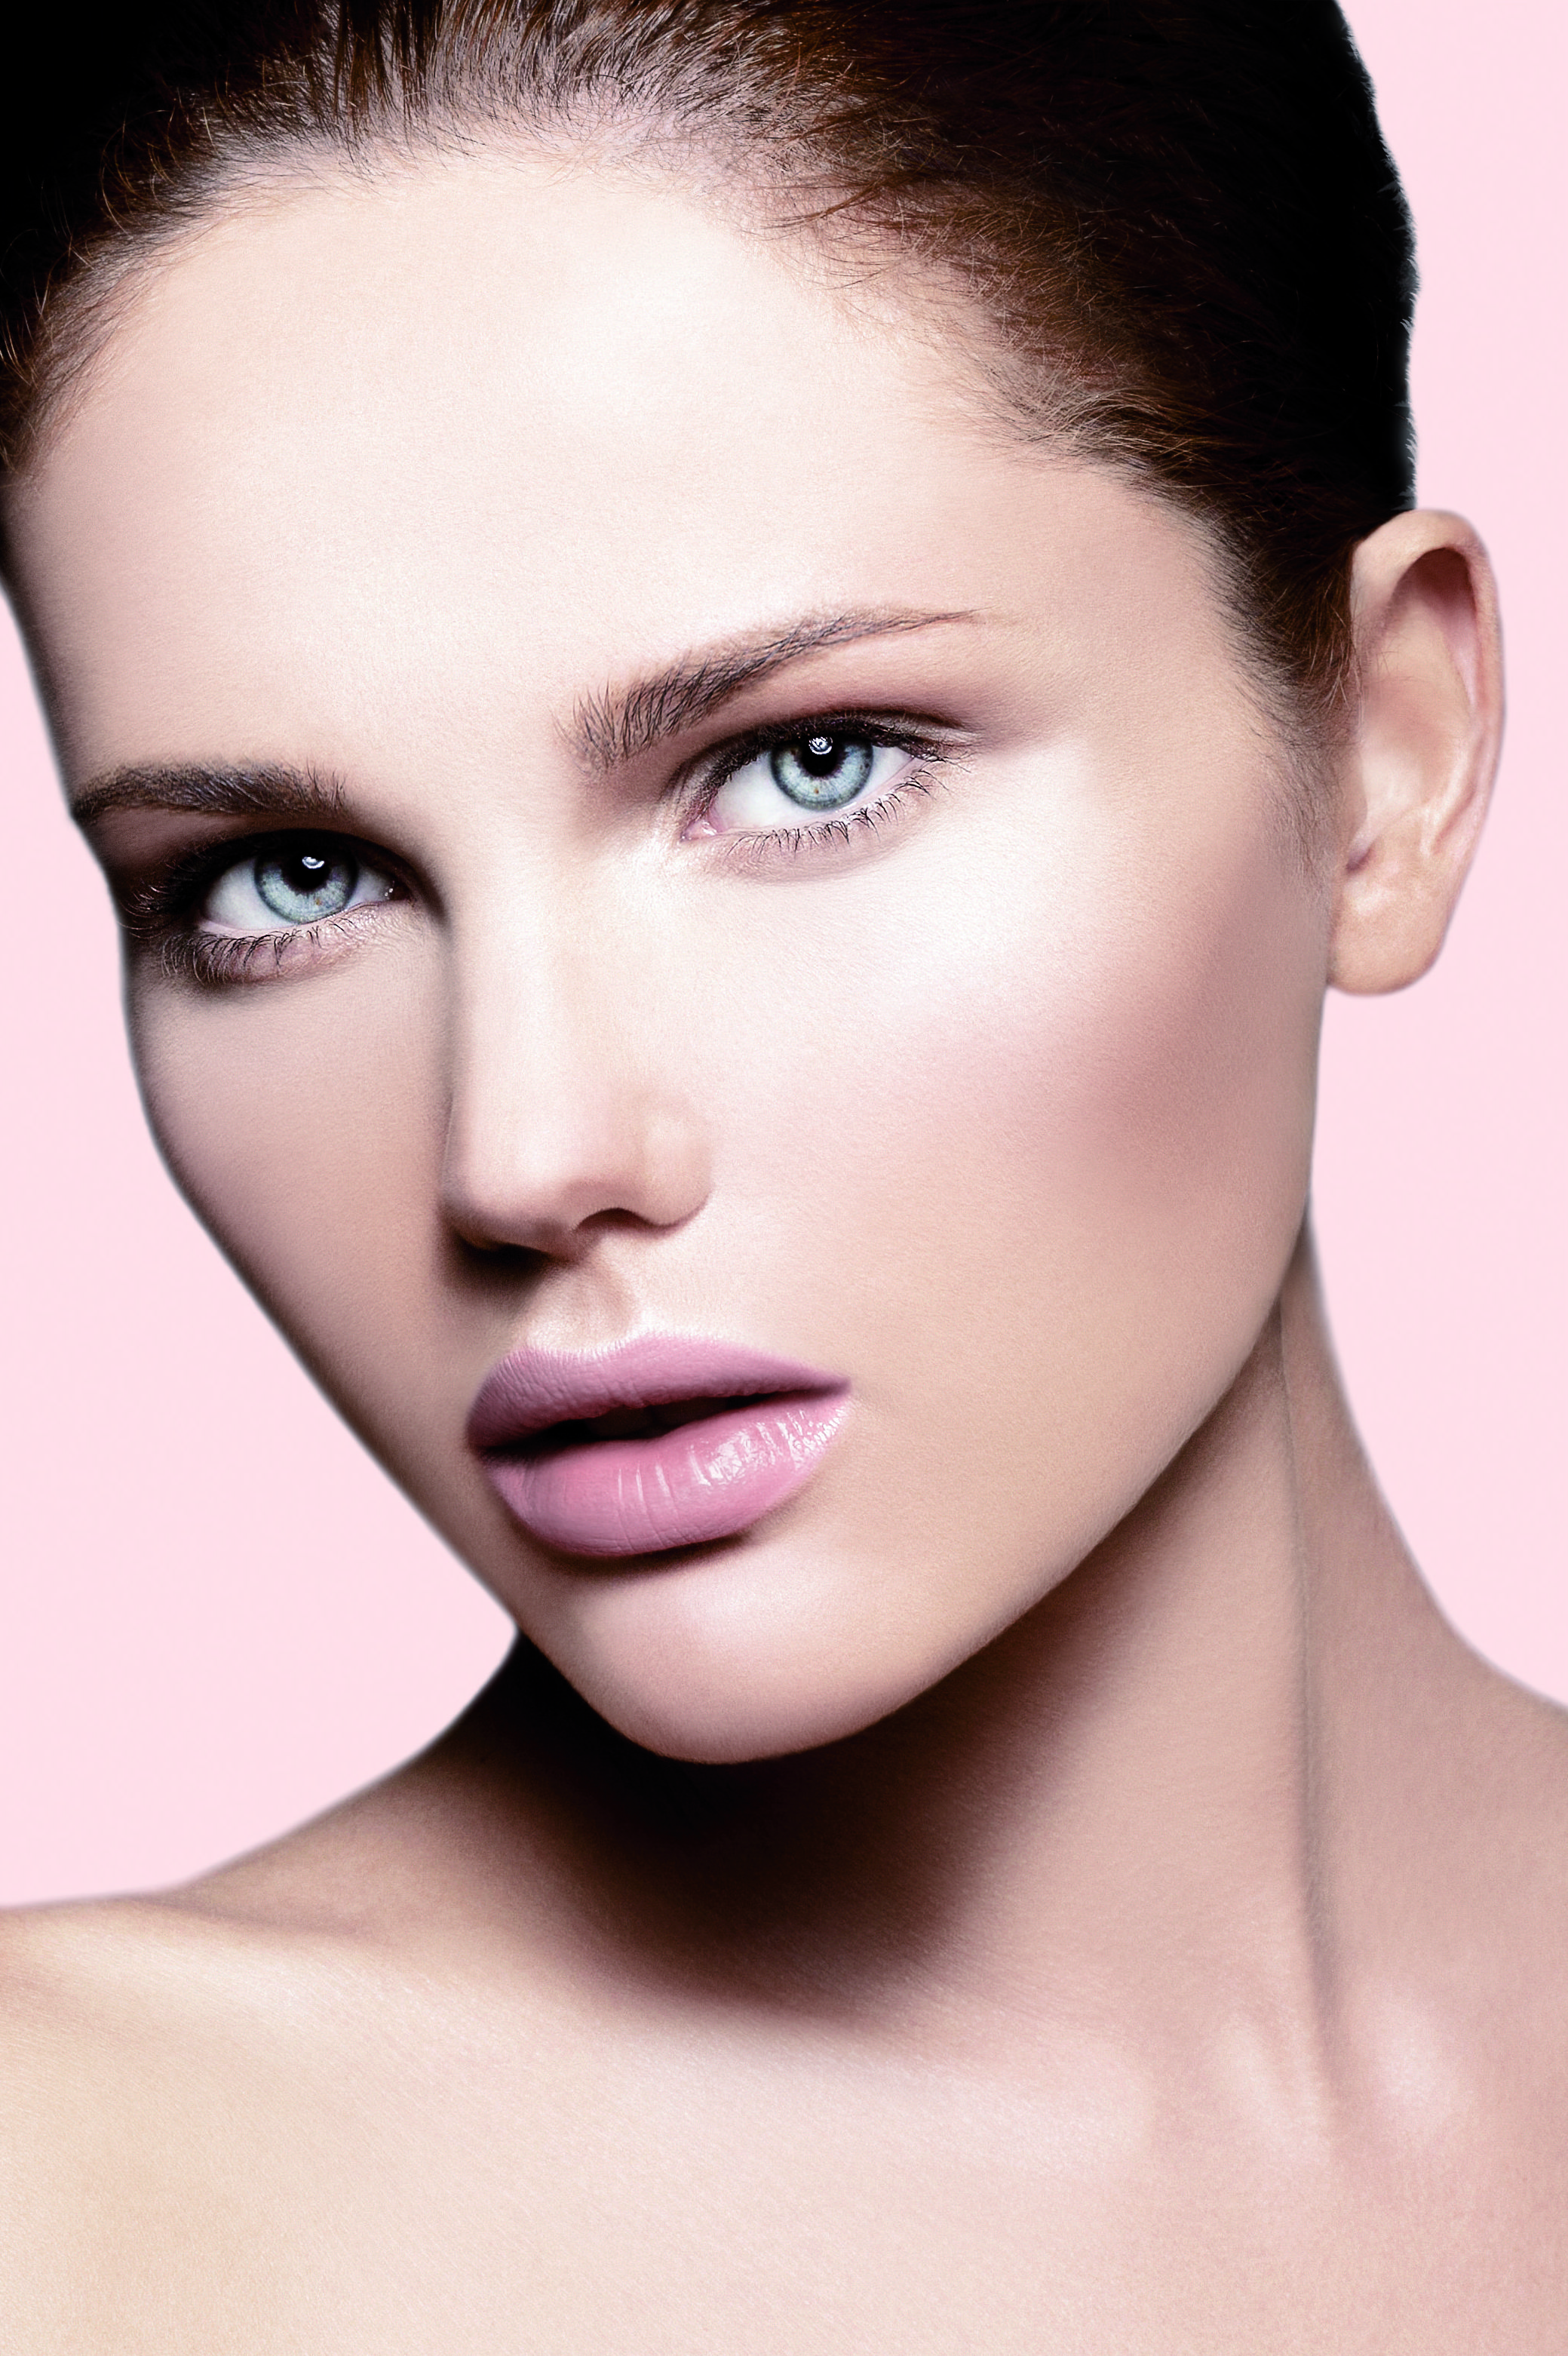 Curas de Belleza instantanea: Tratamientos y Productos  de Gabriella Álvarez. Estética Avanzada